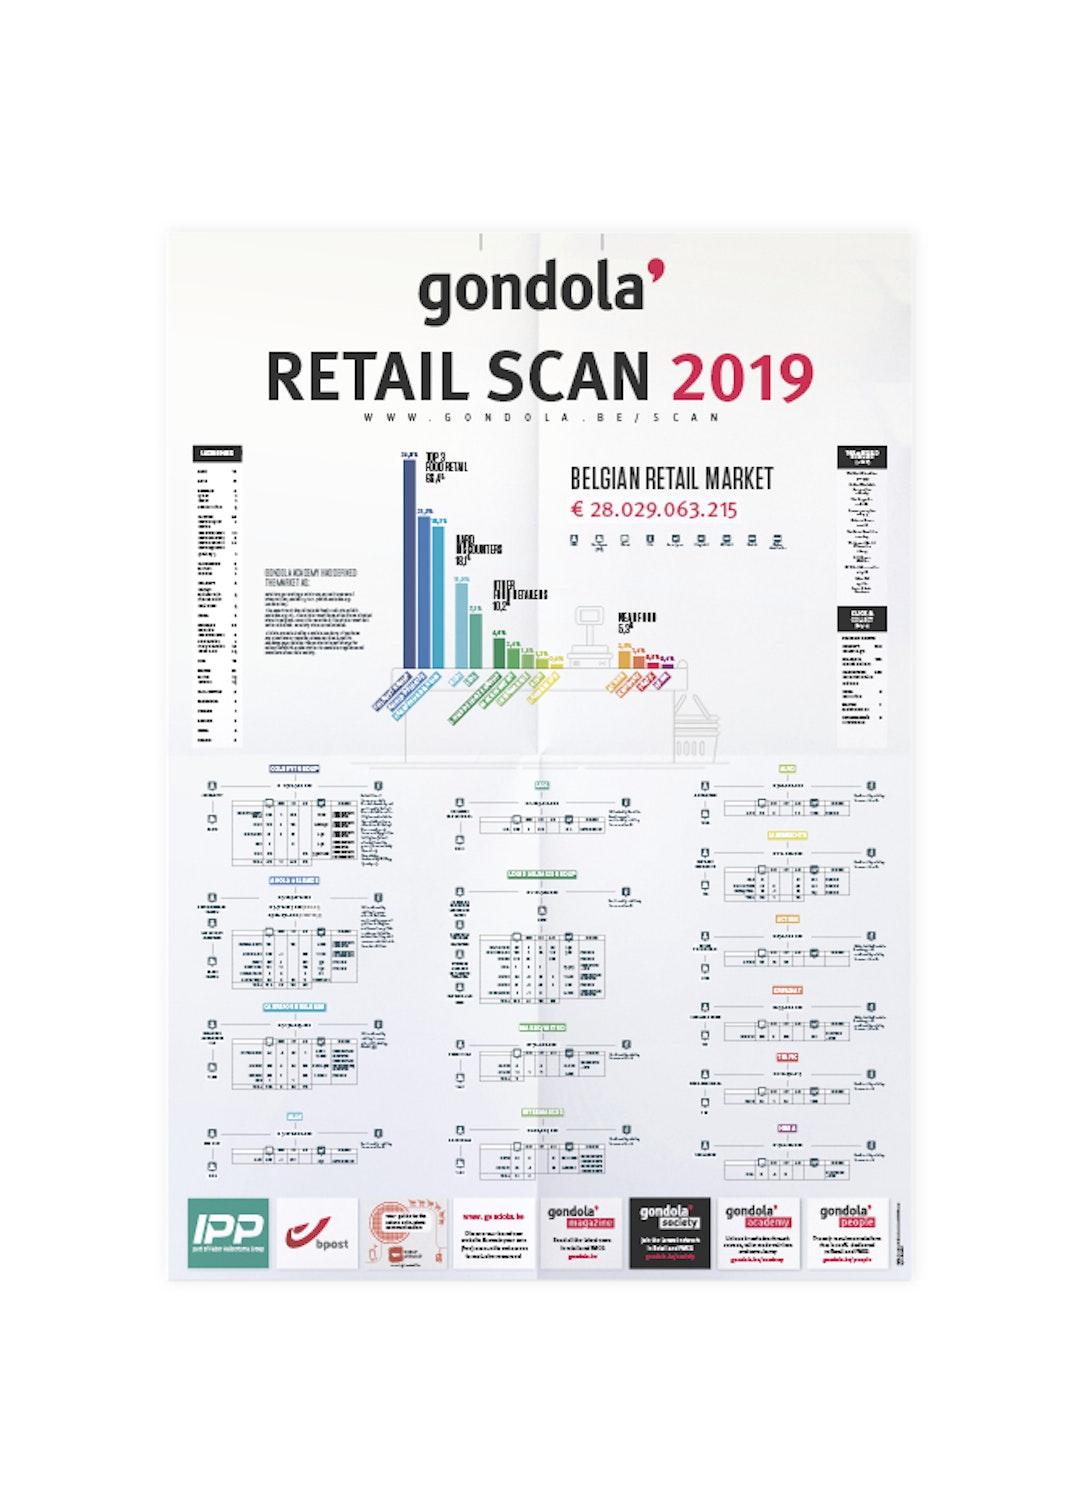 Retail Scan poster